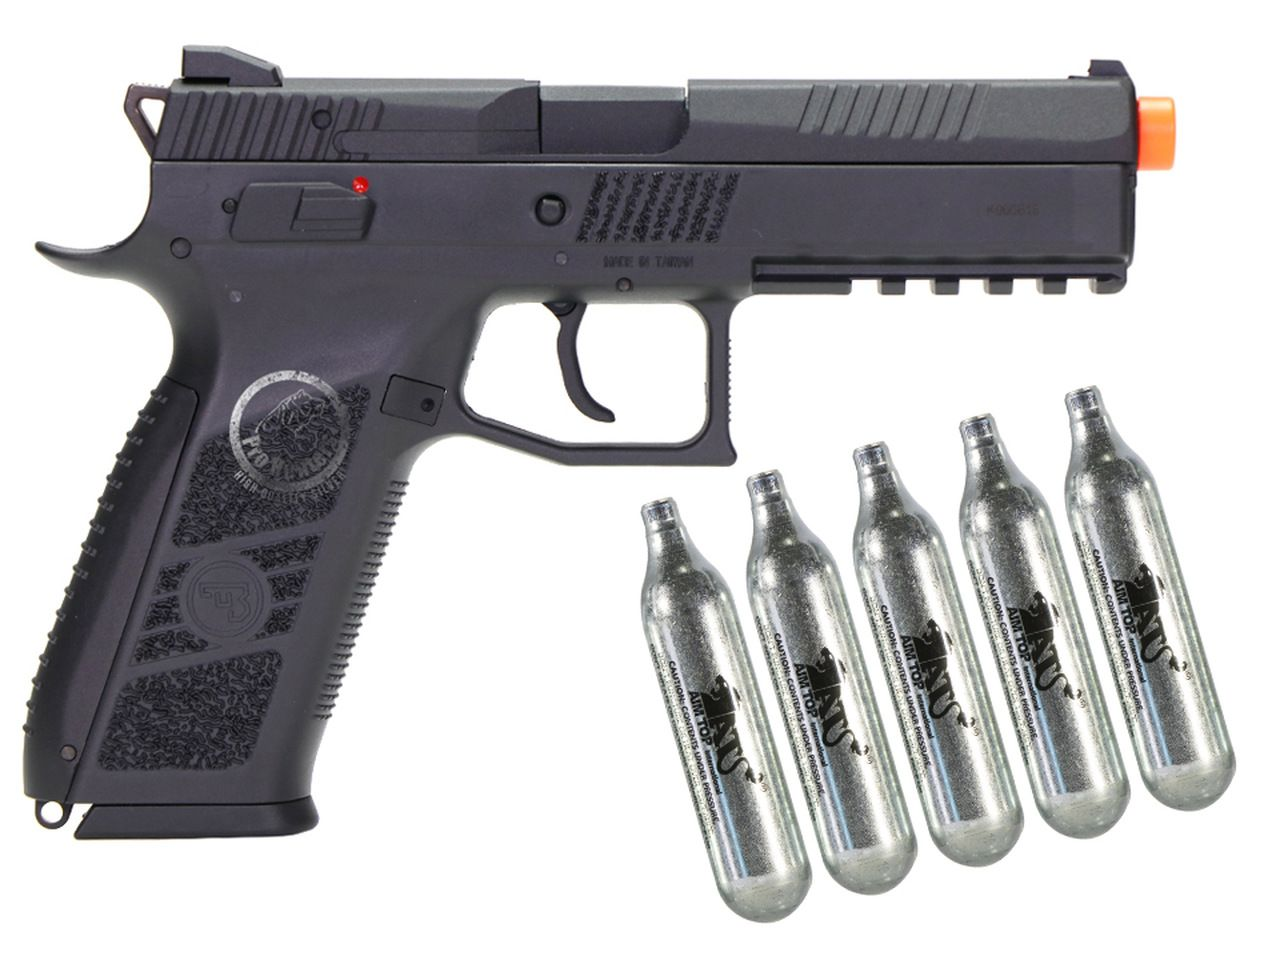 Pistola Airsoft - Kjw - KJ Works - CZ P-09 - GBB - Co2 Full Metal